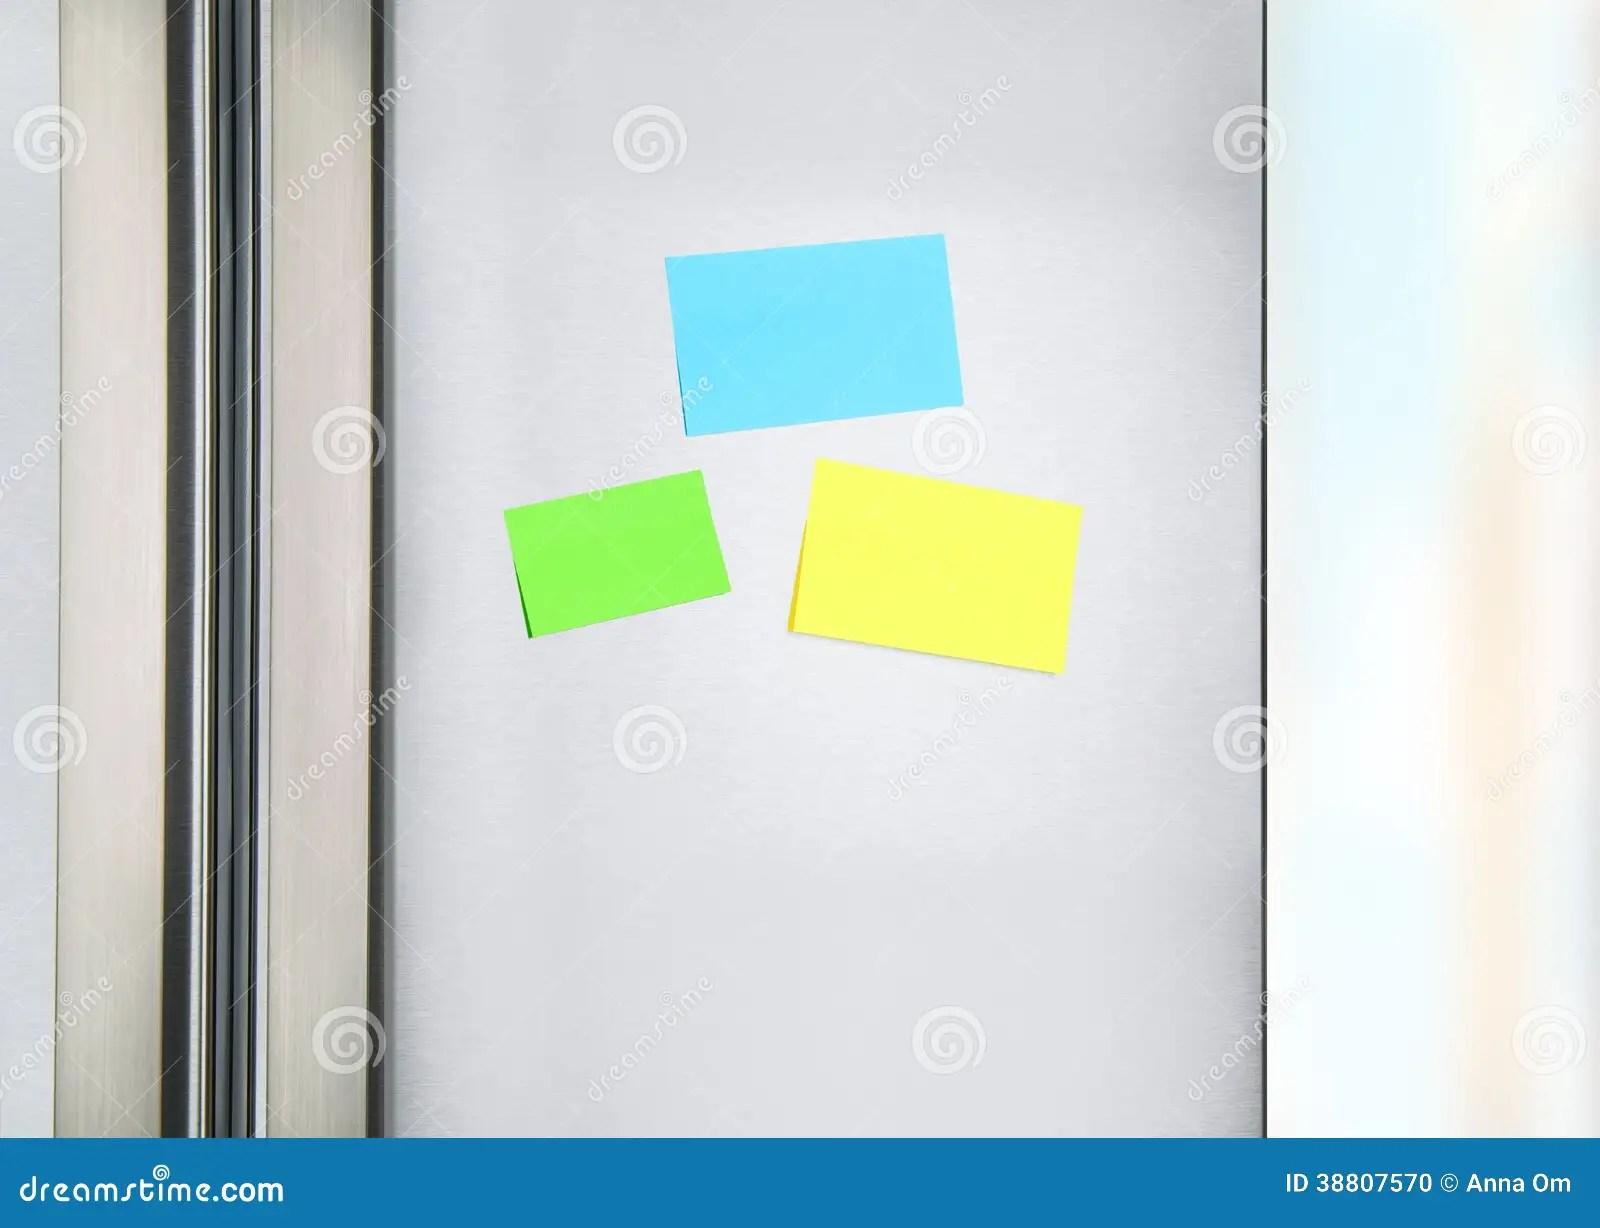 Sticky Notes On The Fridge Stock Photo Image 38807570